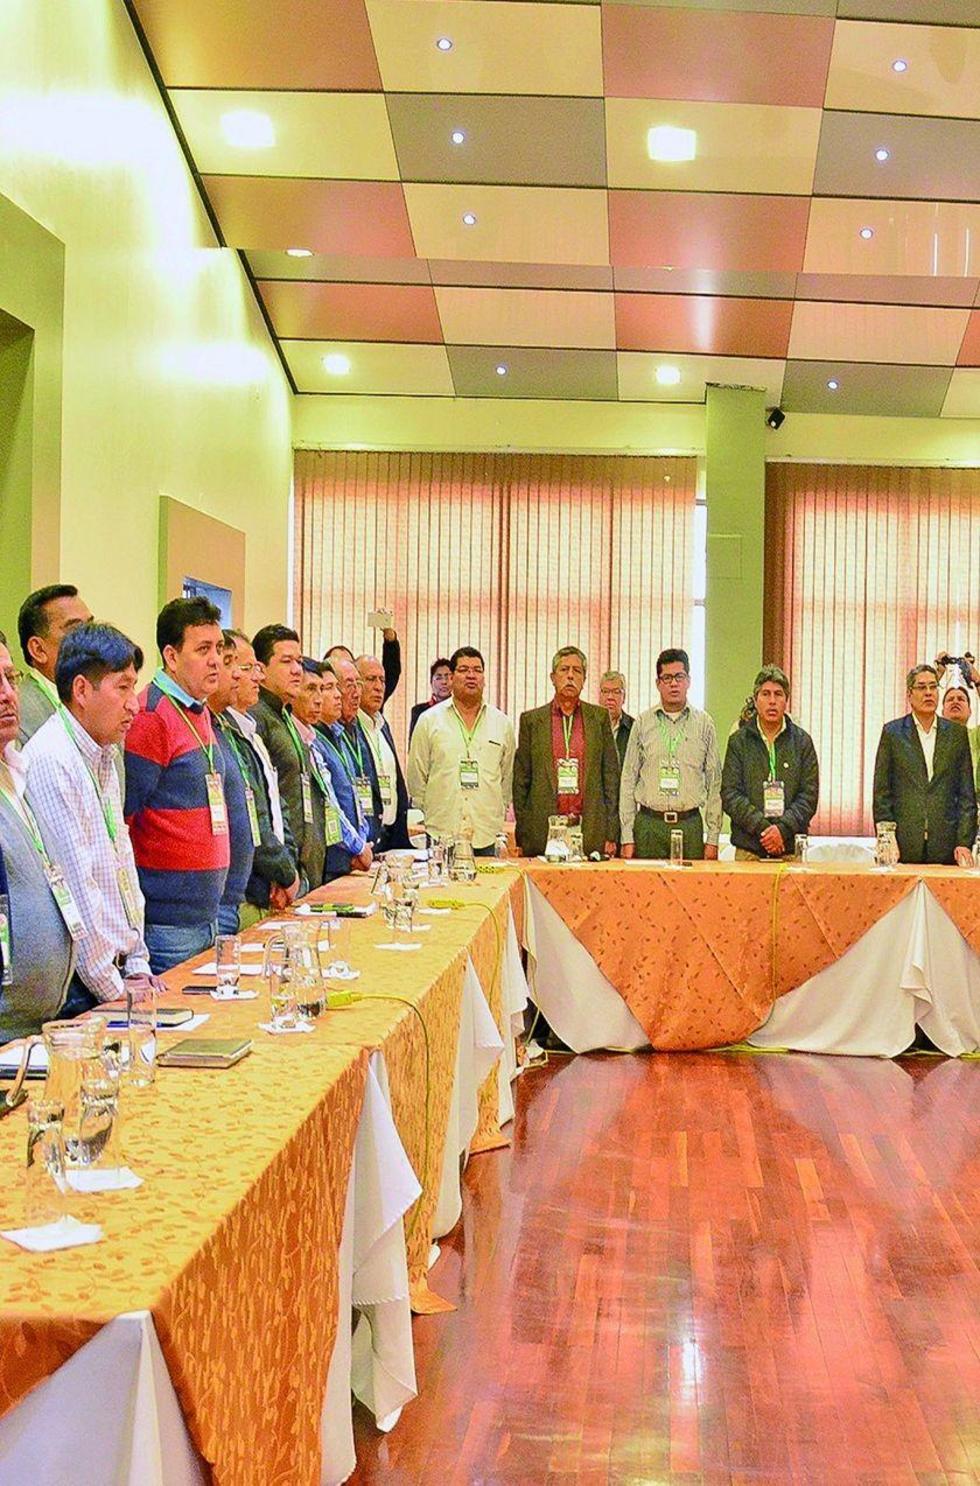 El fútbol boliviano se unifica y va tras nuevas metas